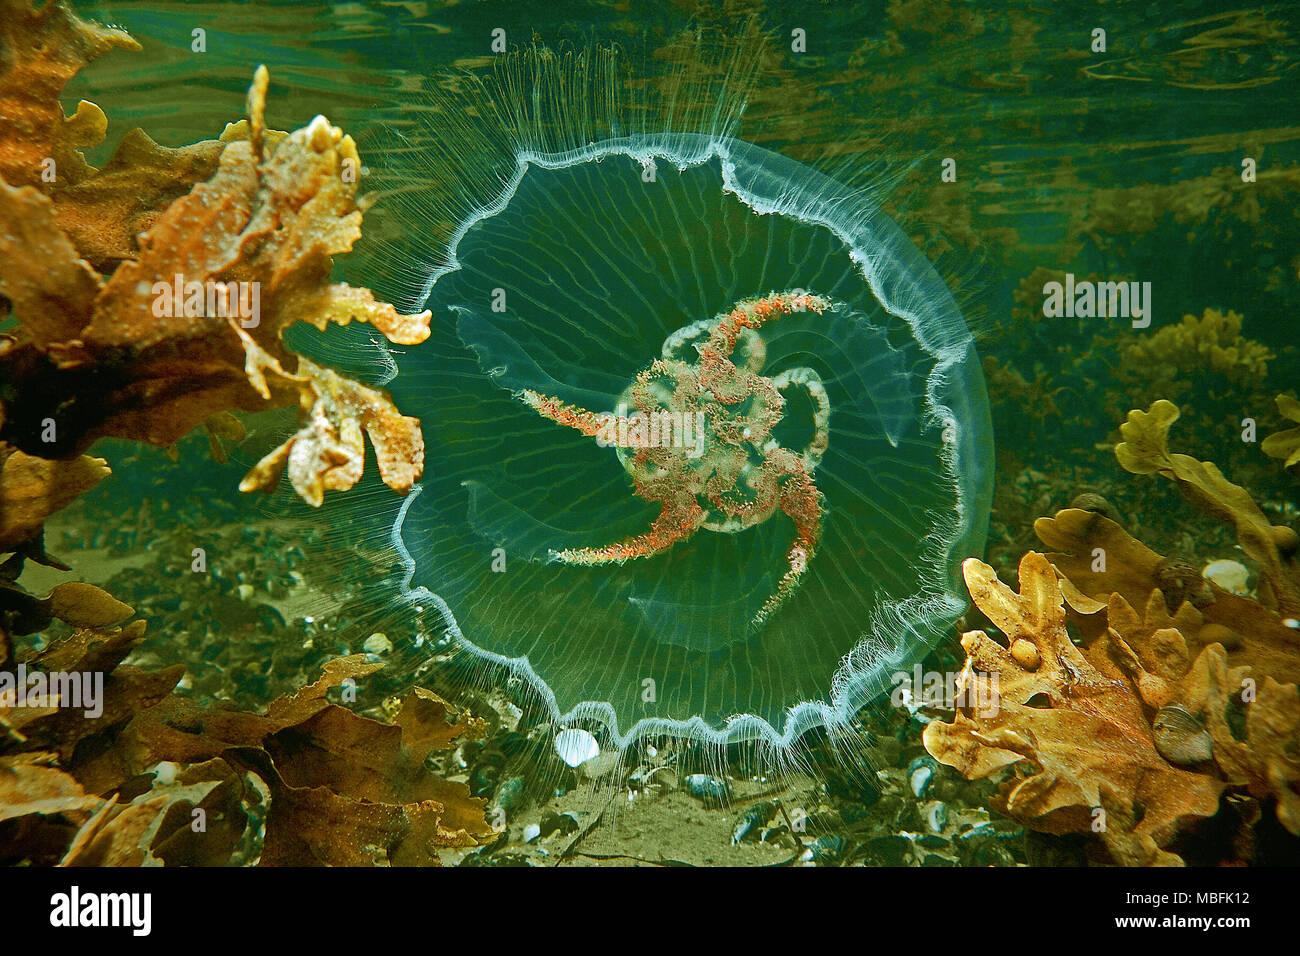 Ohrenqualle (Aurelia aurita) auch Mond-Qualle genannt, Ostsee, Deutschland | Moon Jelly (Aurelia aurita), Ostsee, Deutschland Stockfoto